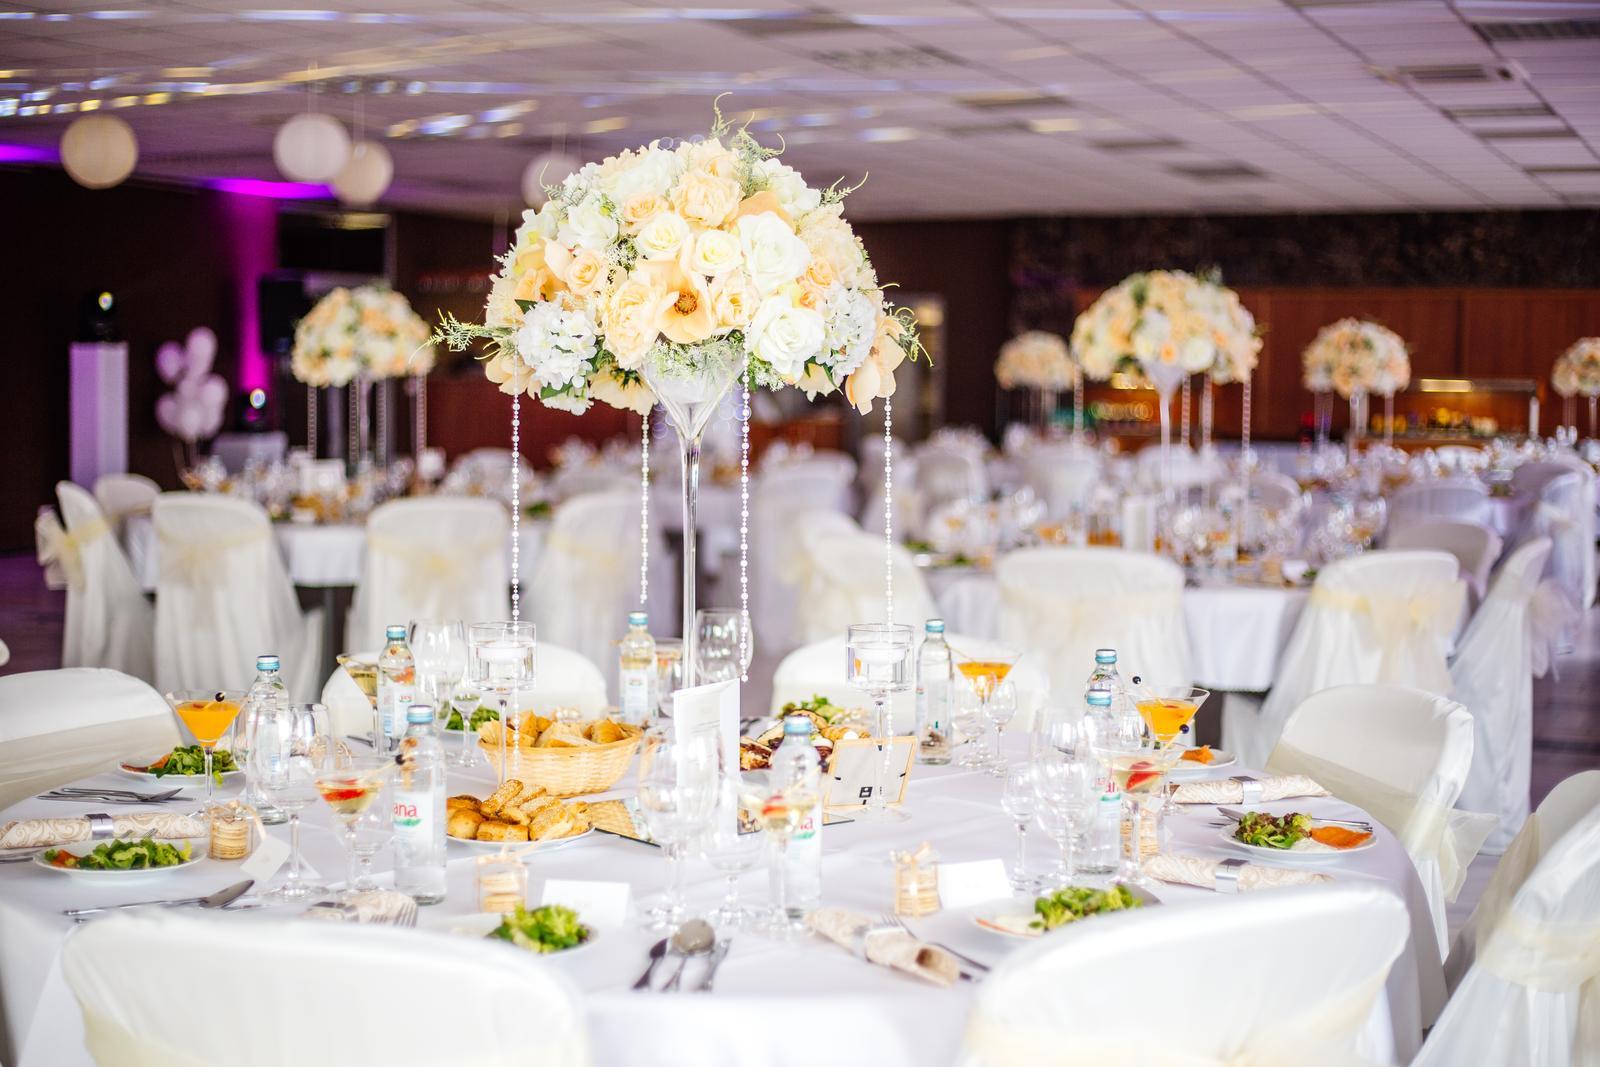 a81a0dec8 Kvetinová svadobná výzdoba na prenájom, - 16 € | Svadobné shopy |  Mojasvadba.sk